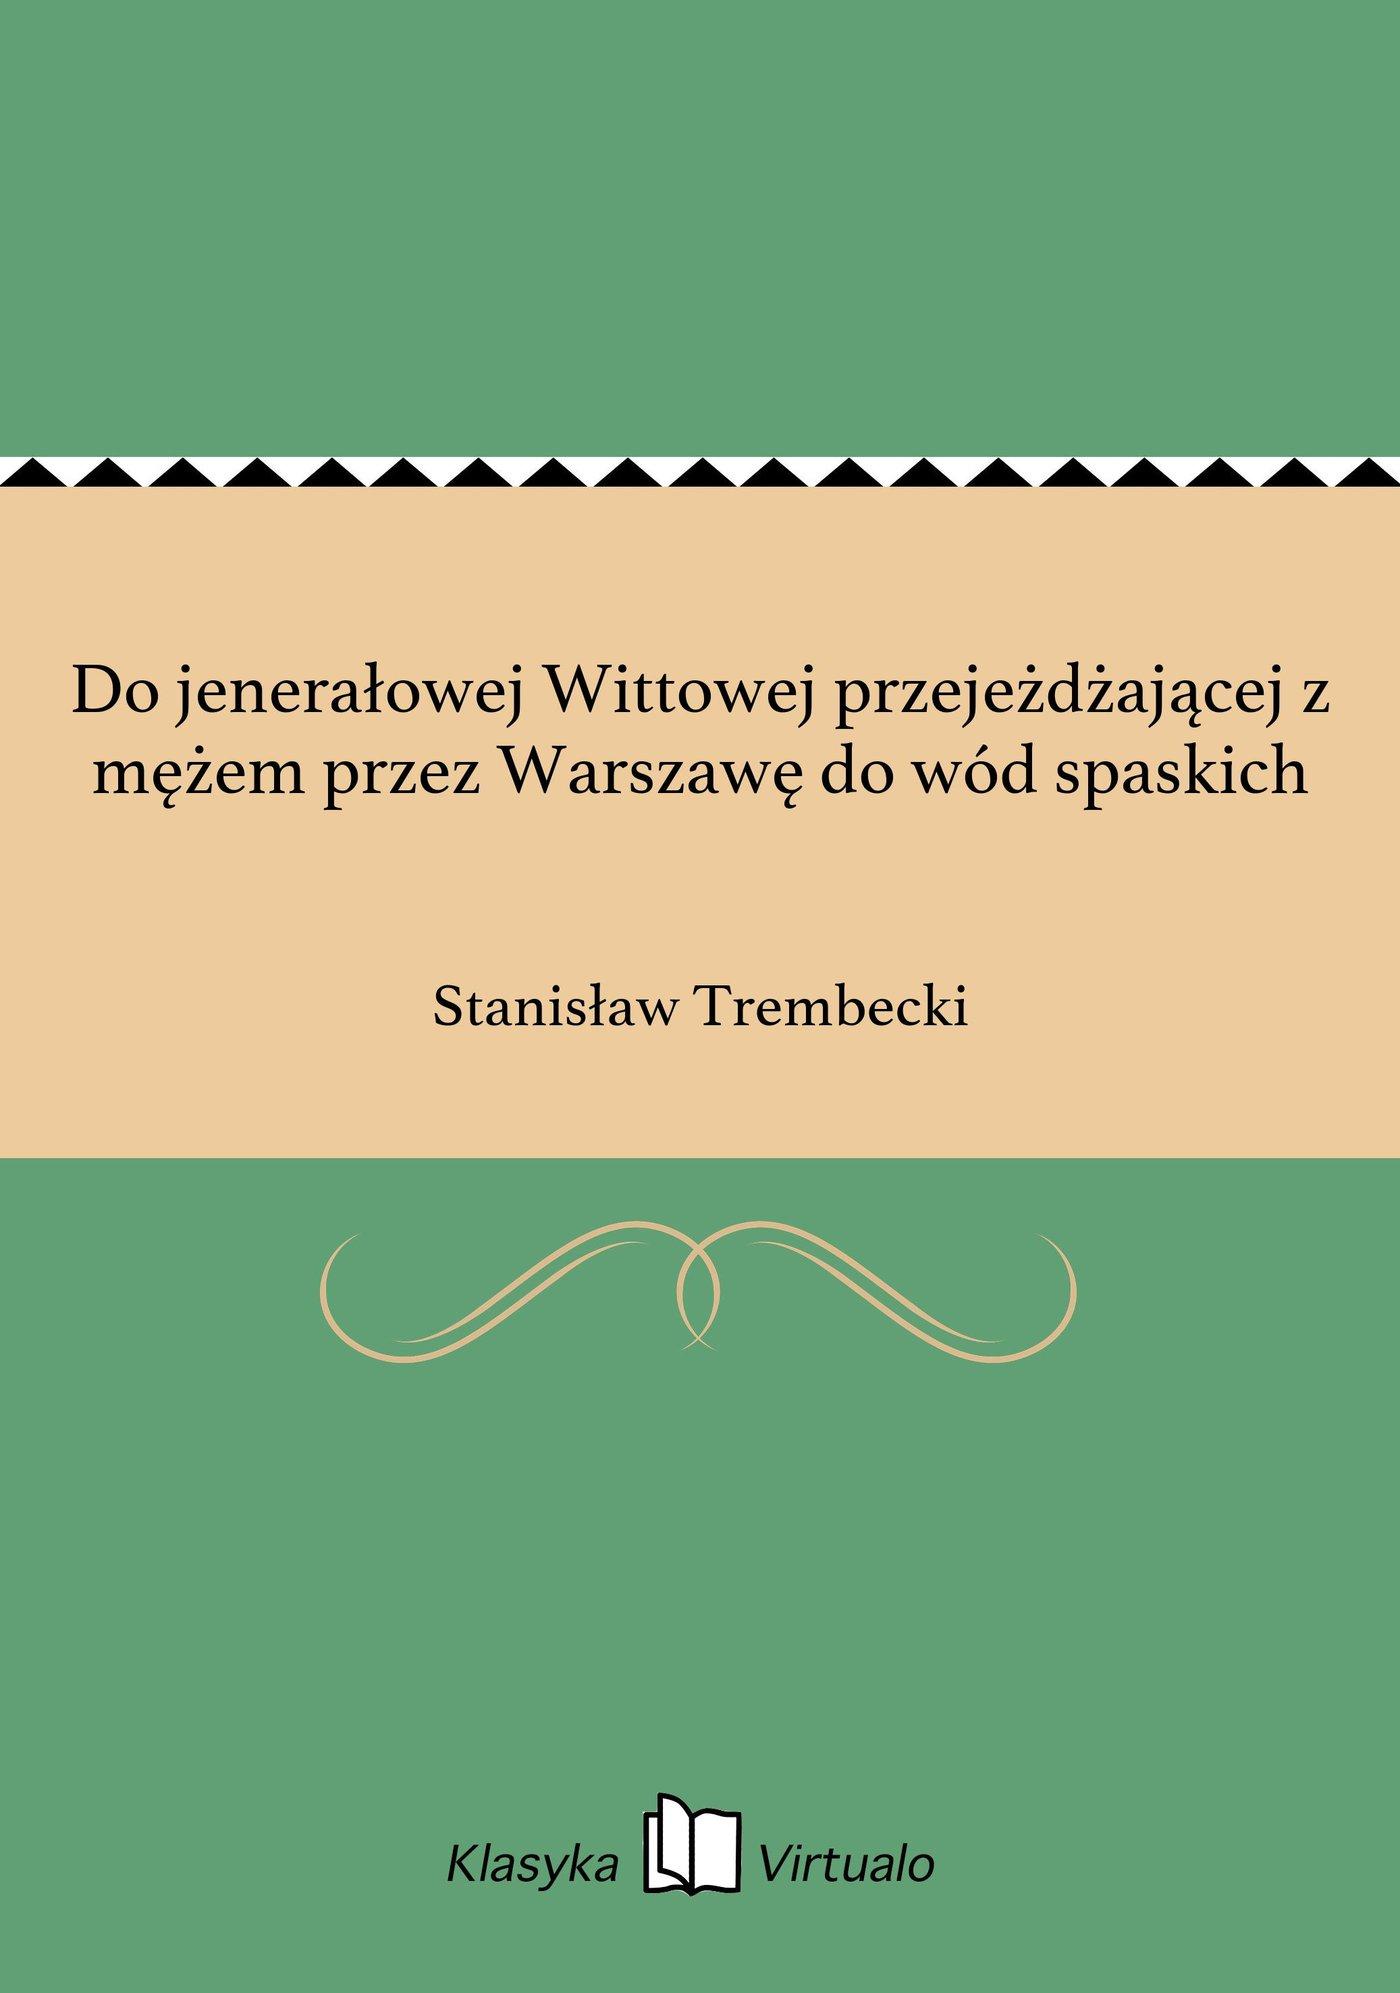 Do jenerałowej Wittowej przejeżdżającej z mężem przez Warszawę do wód spaskich - Ebook (Książka na Kindle) do pobrania w formacie MOBI